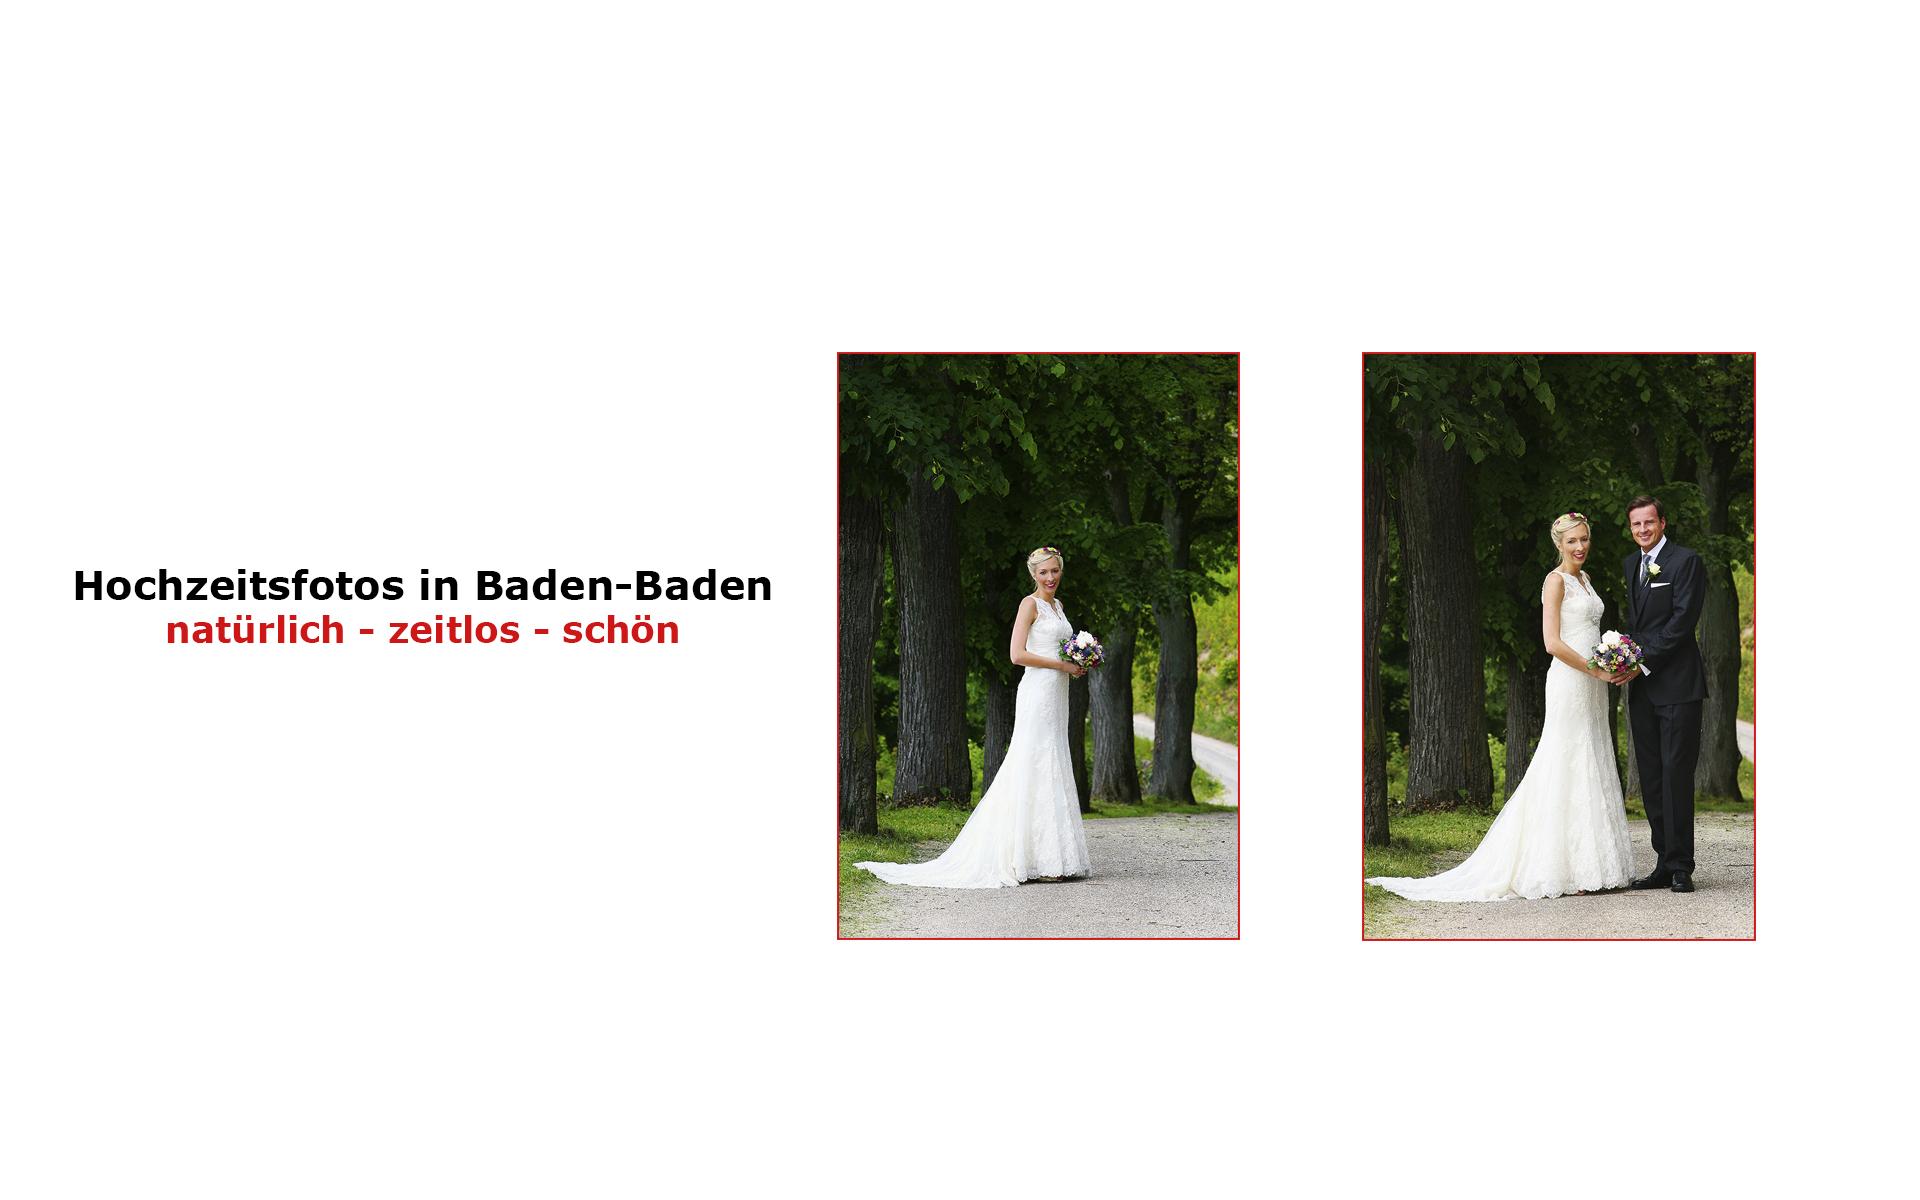 Hochzeits in Baden-Baden